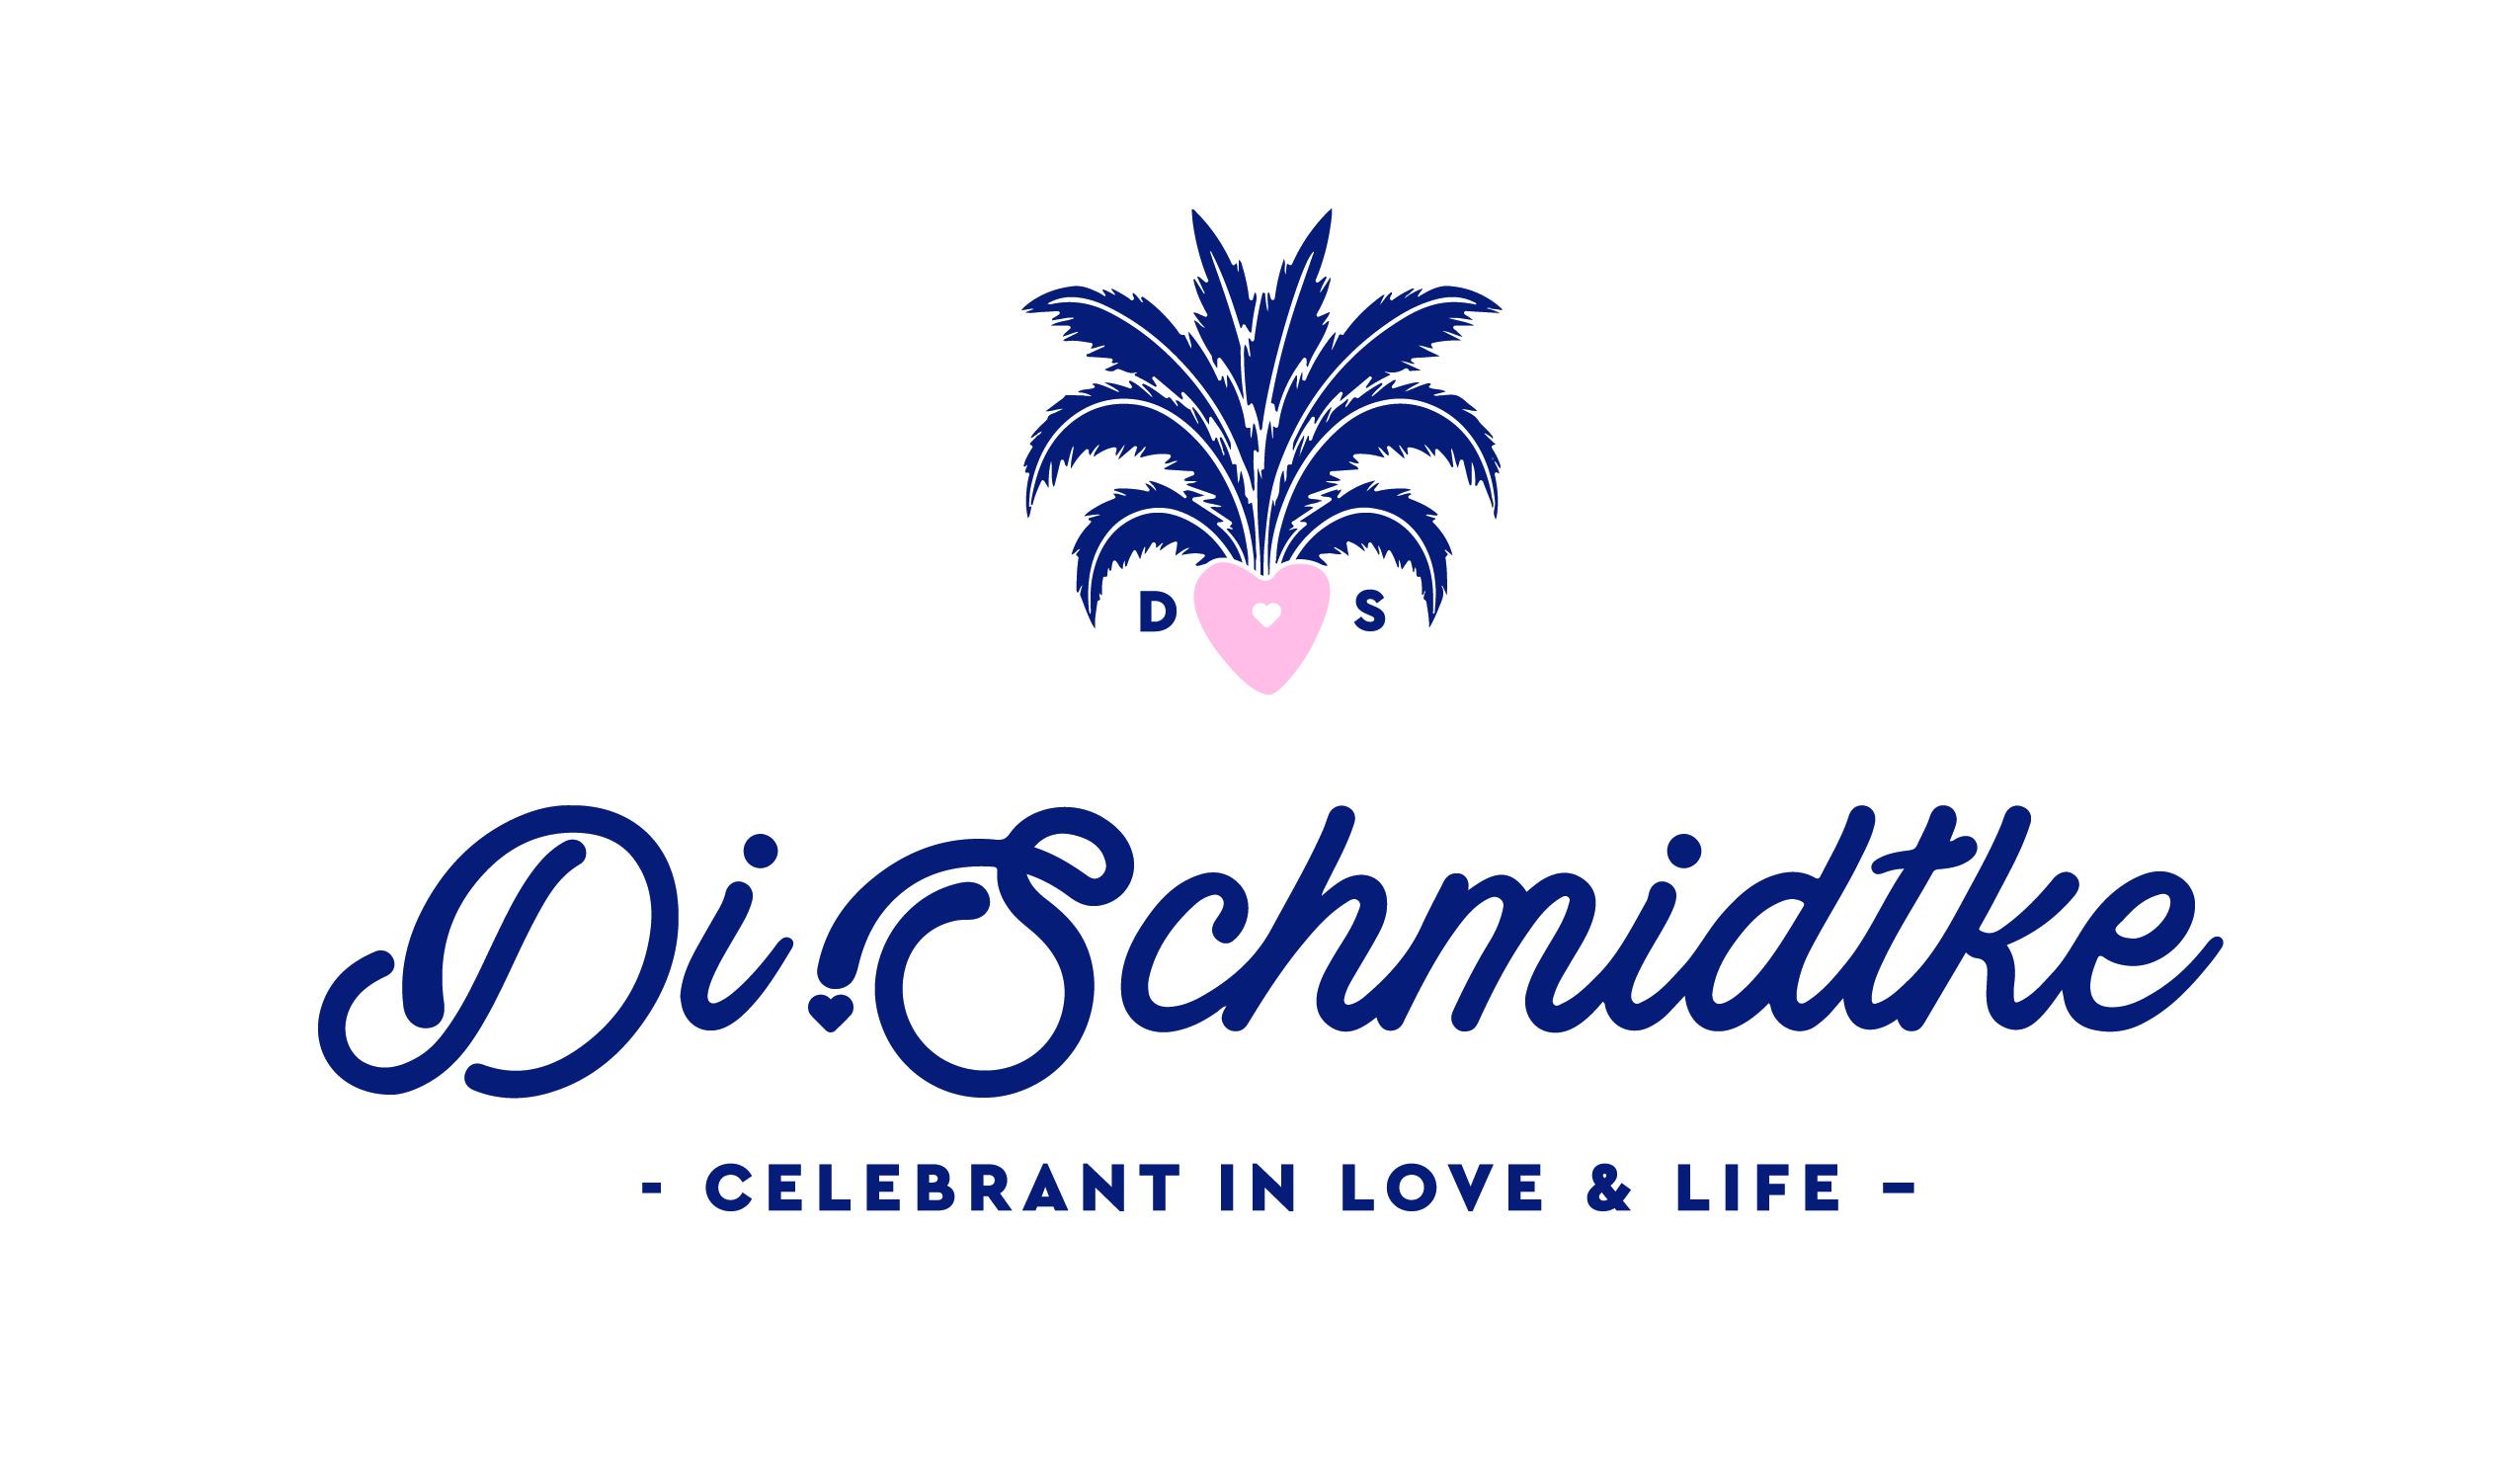 Di Schmidtke Celebrant in love & life